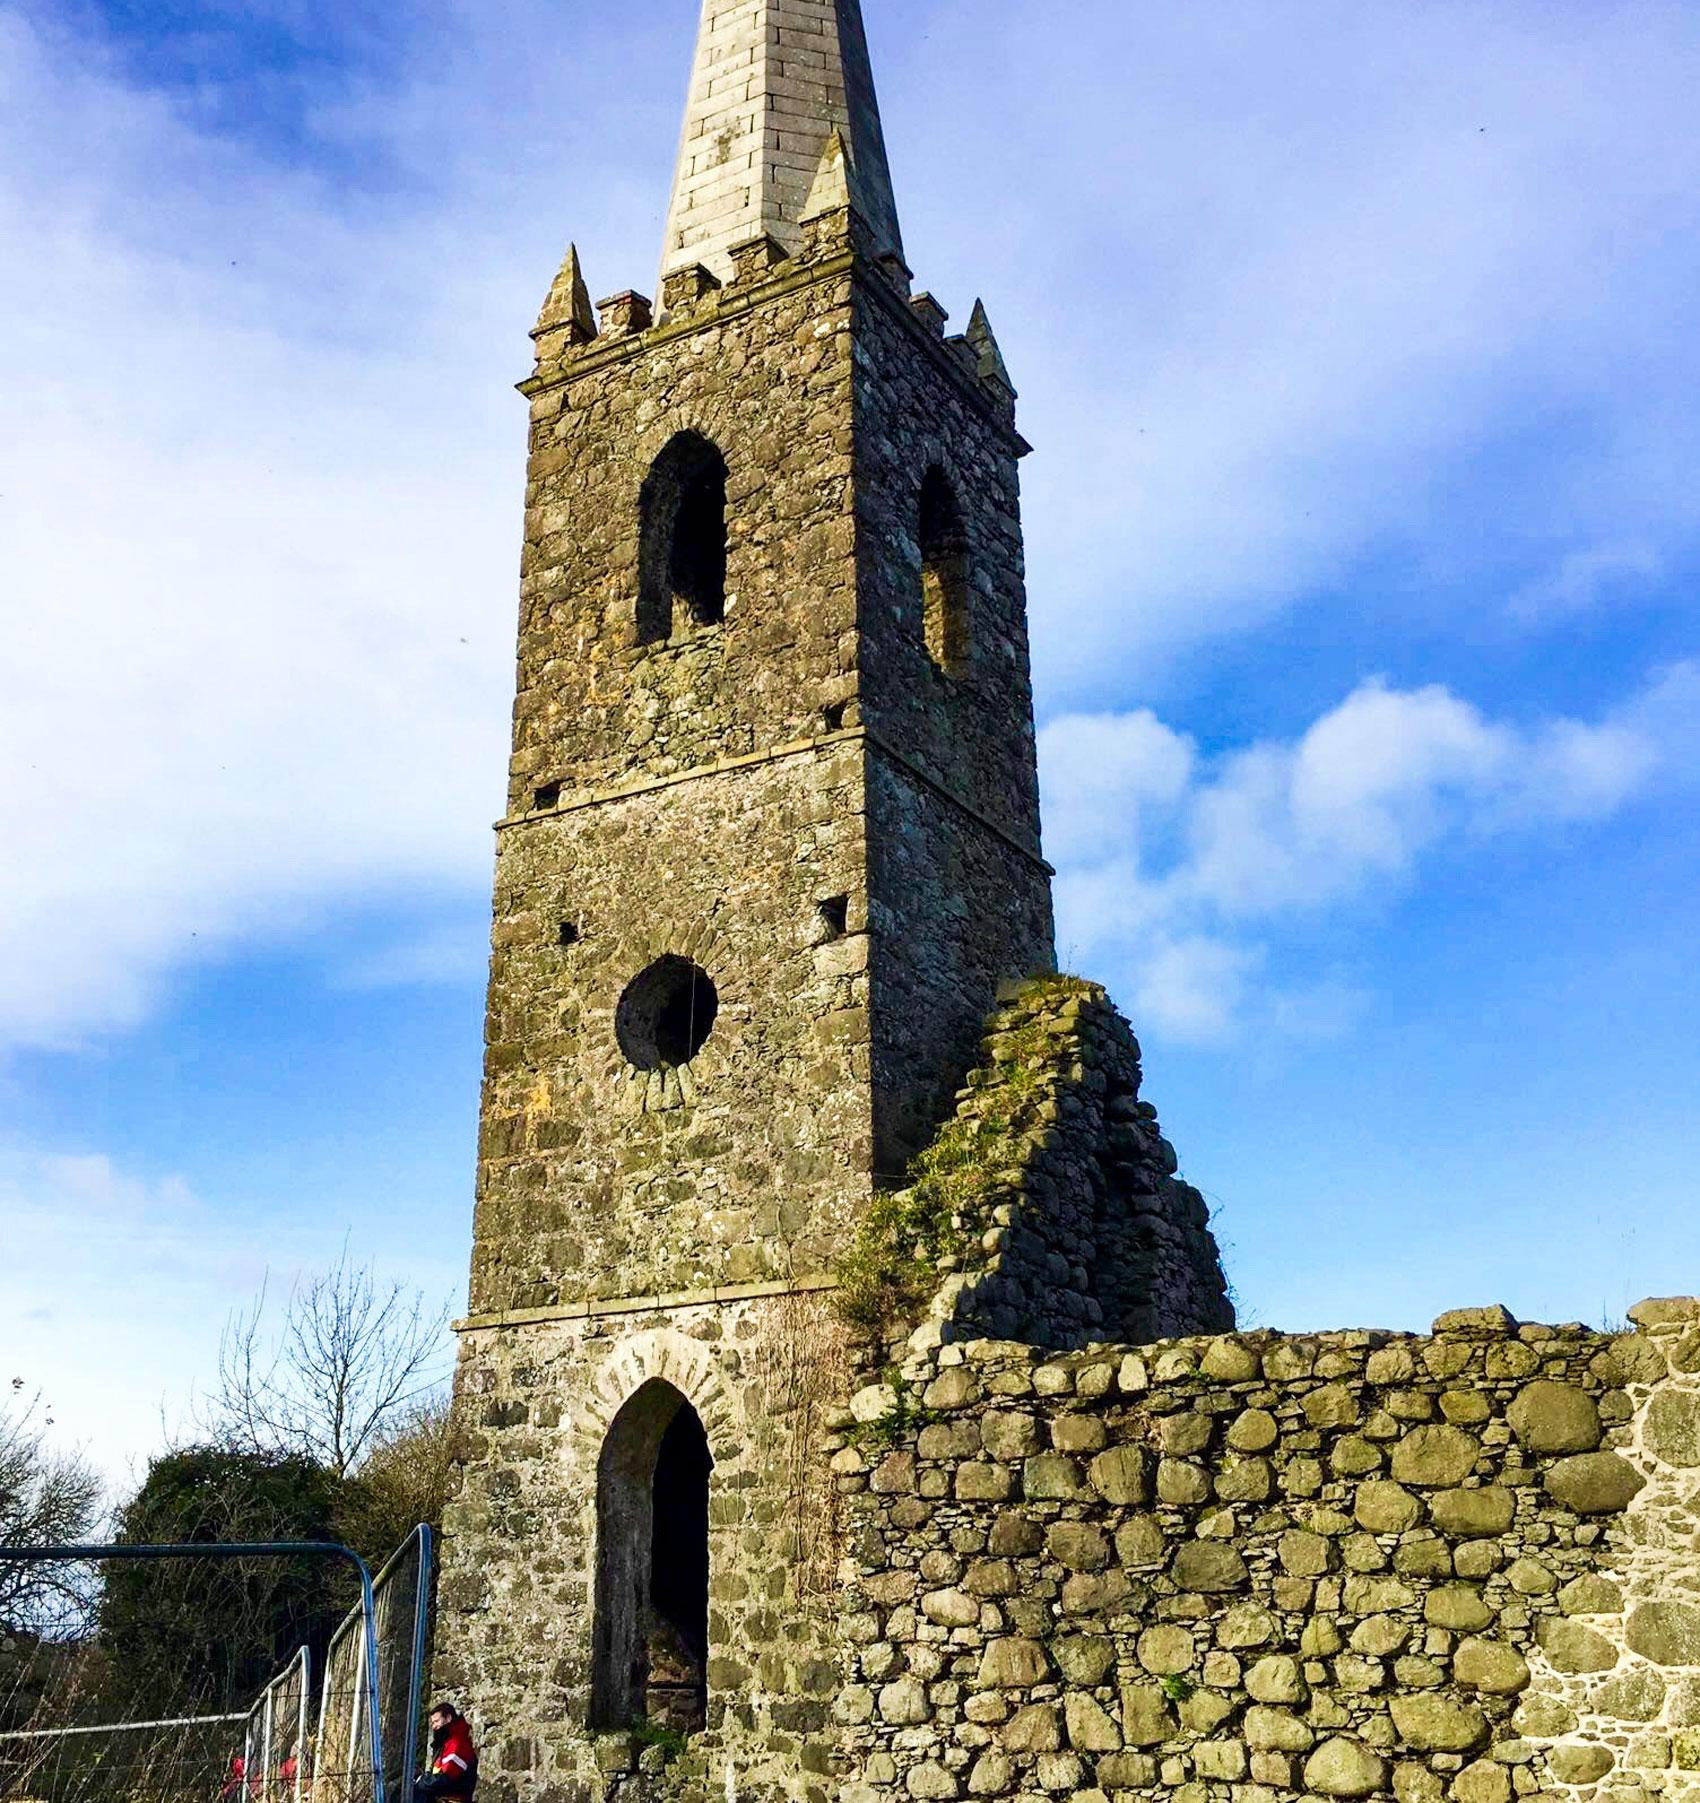 Church-Island-Spire-Lough-Beg